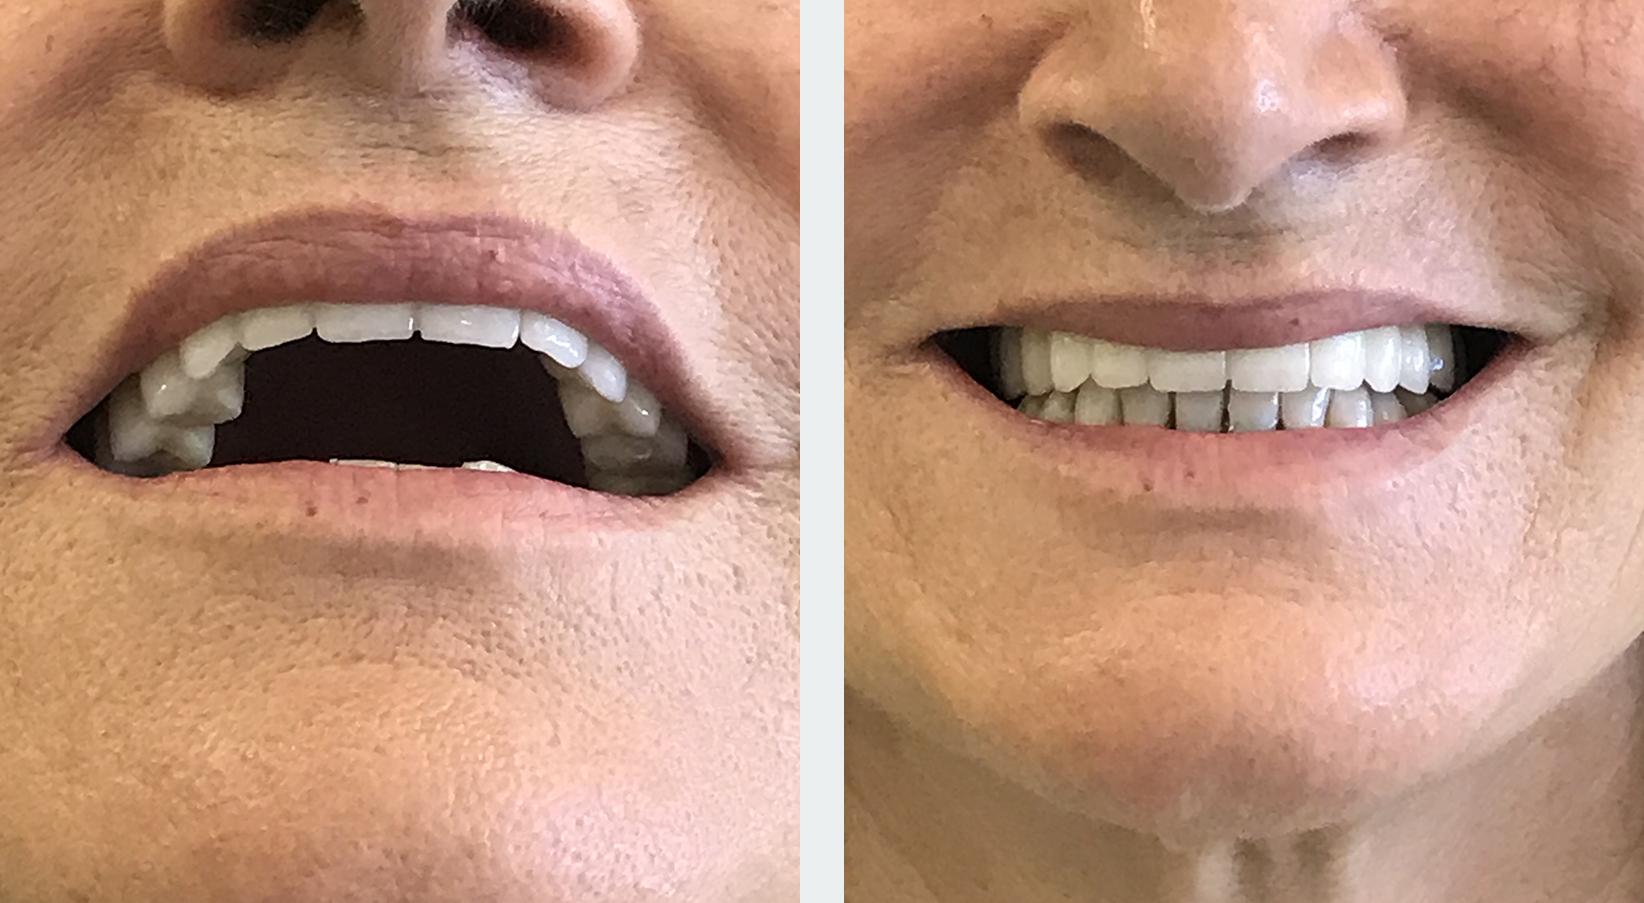 εμφυτεύματα δοντιών 7η εικόνα